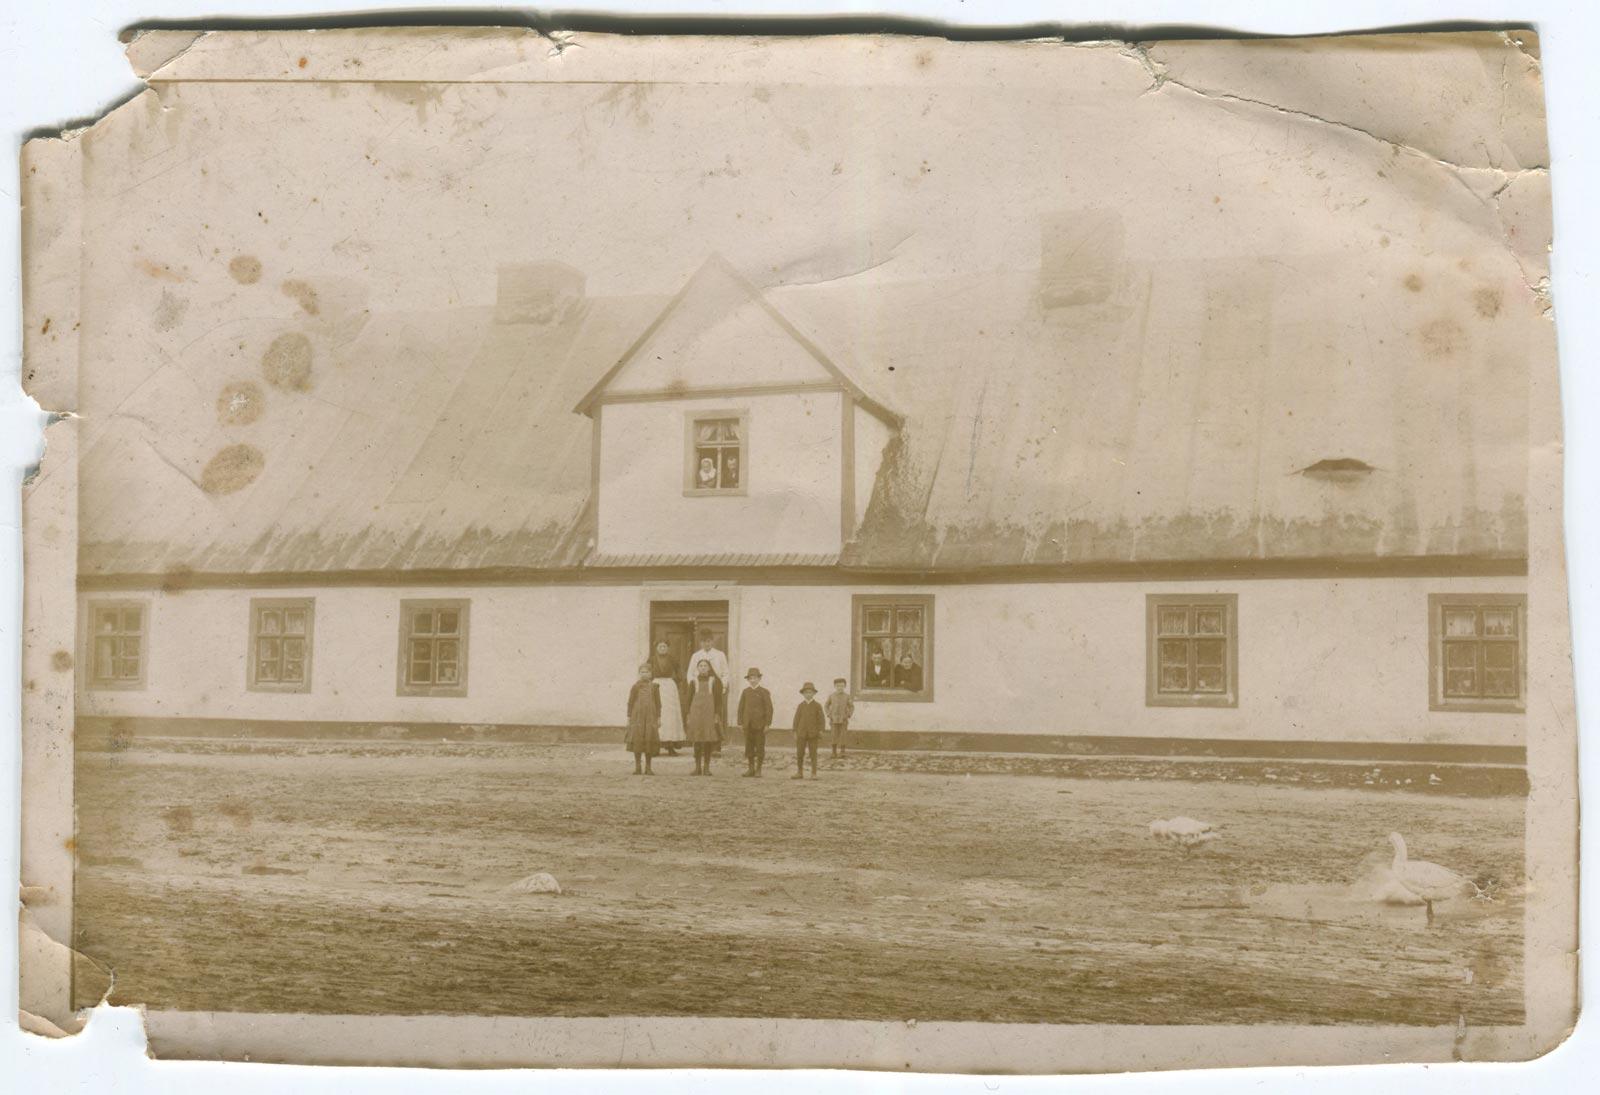 Gospodarstwo, ul. Poznańska - Kórnik, ok. 1900 rok